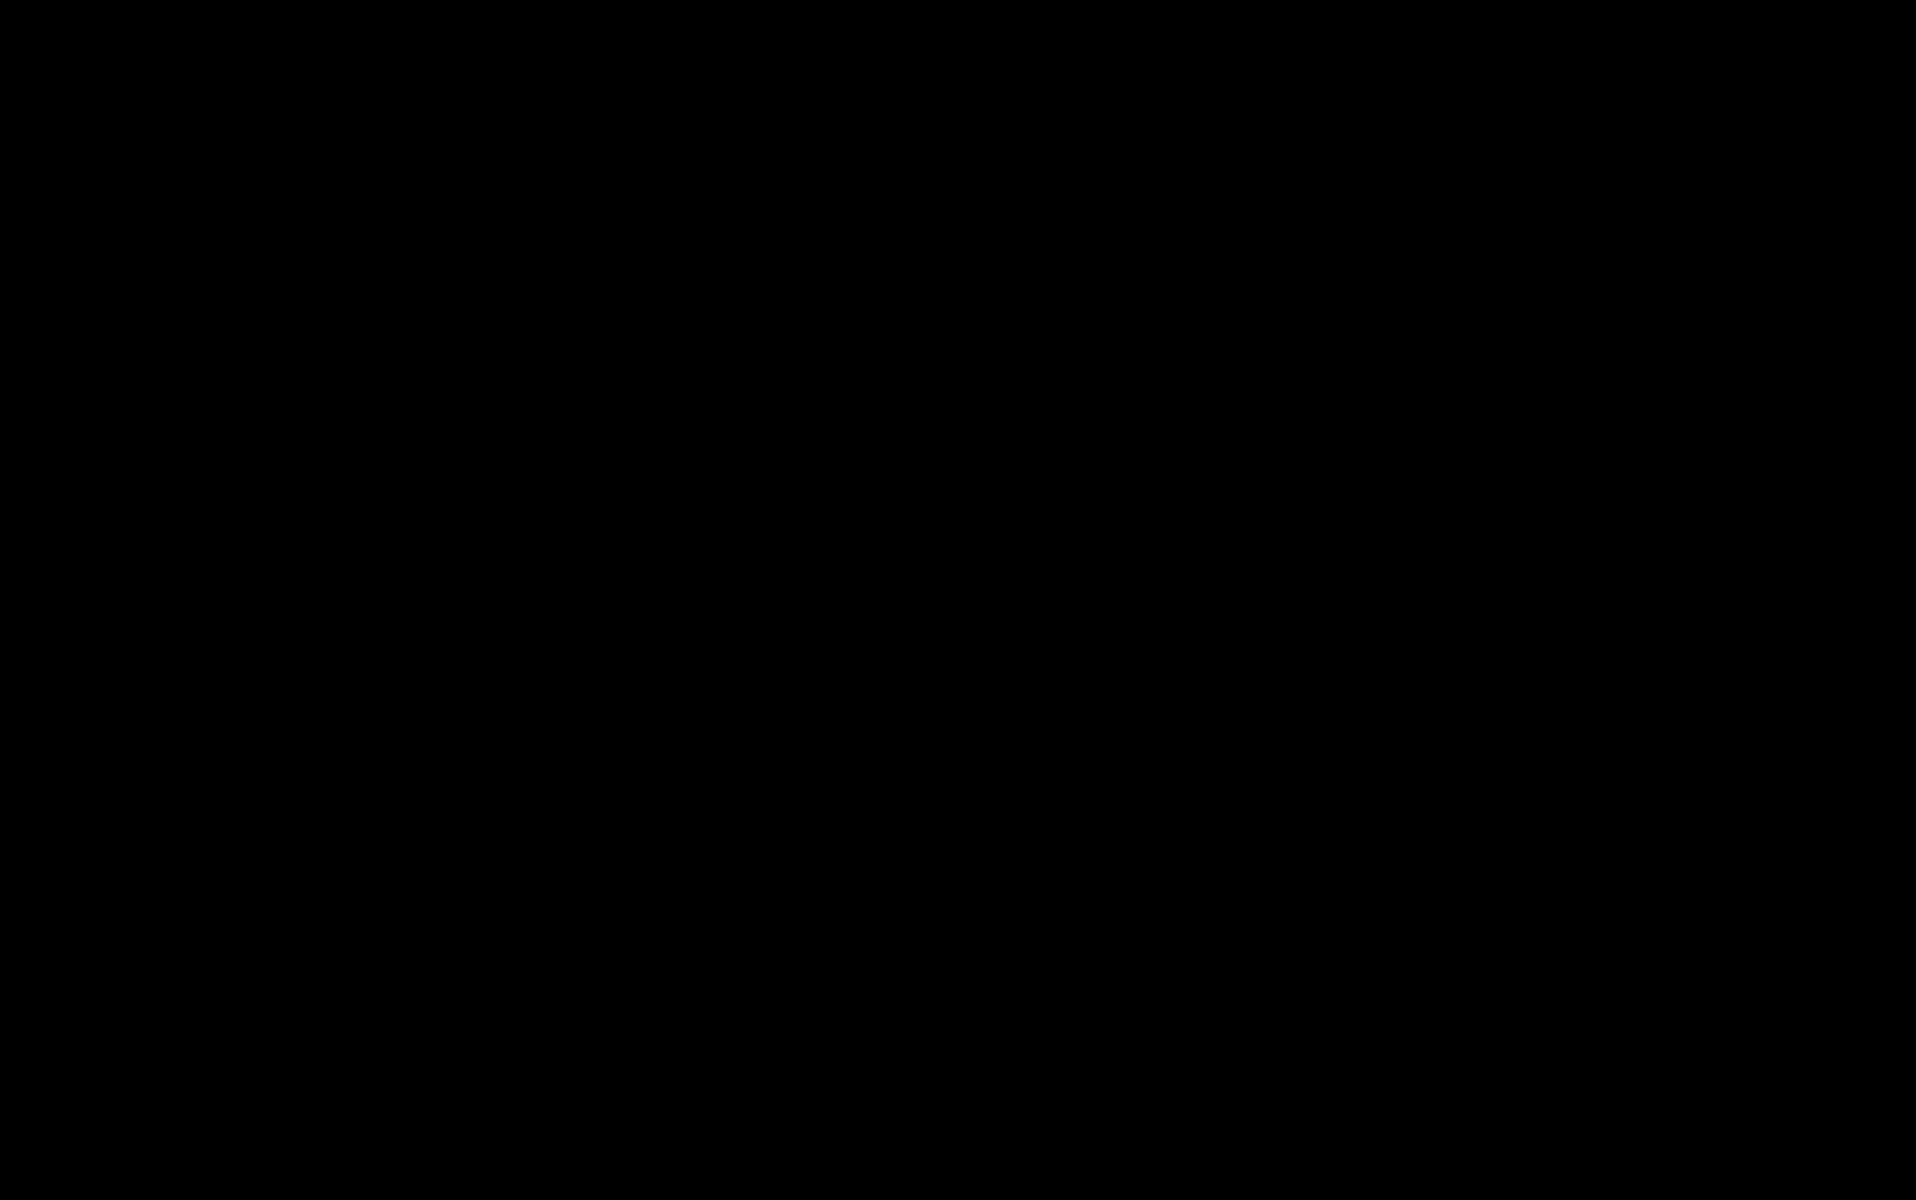 CabernetCorp